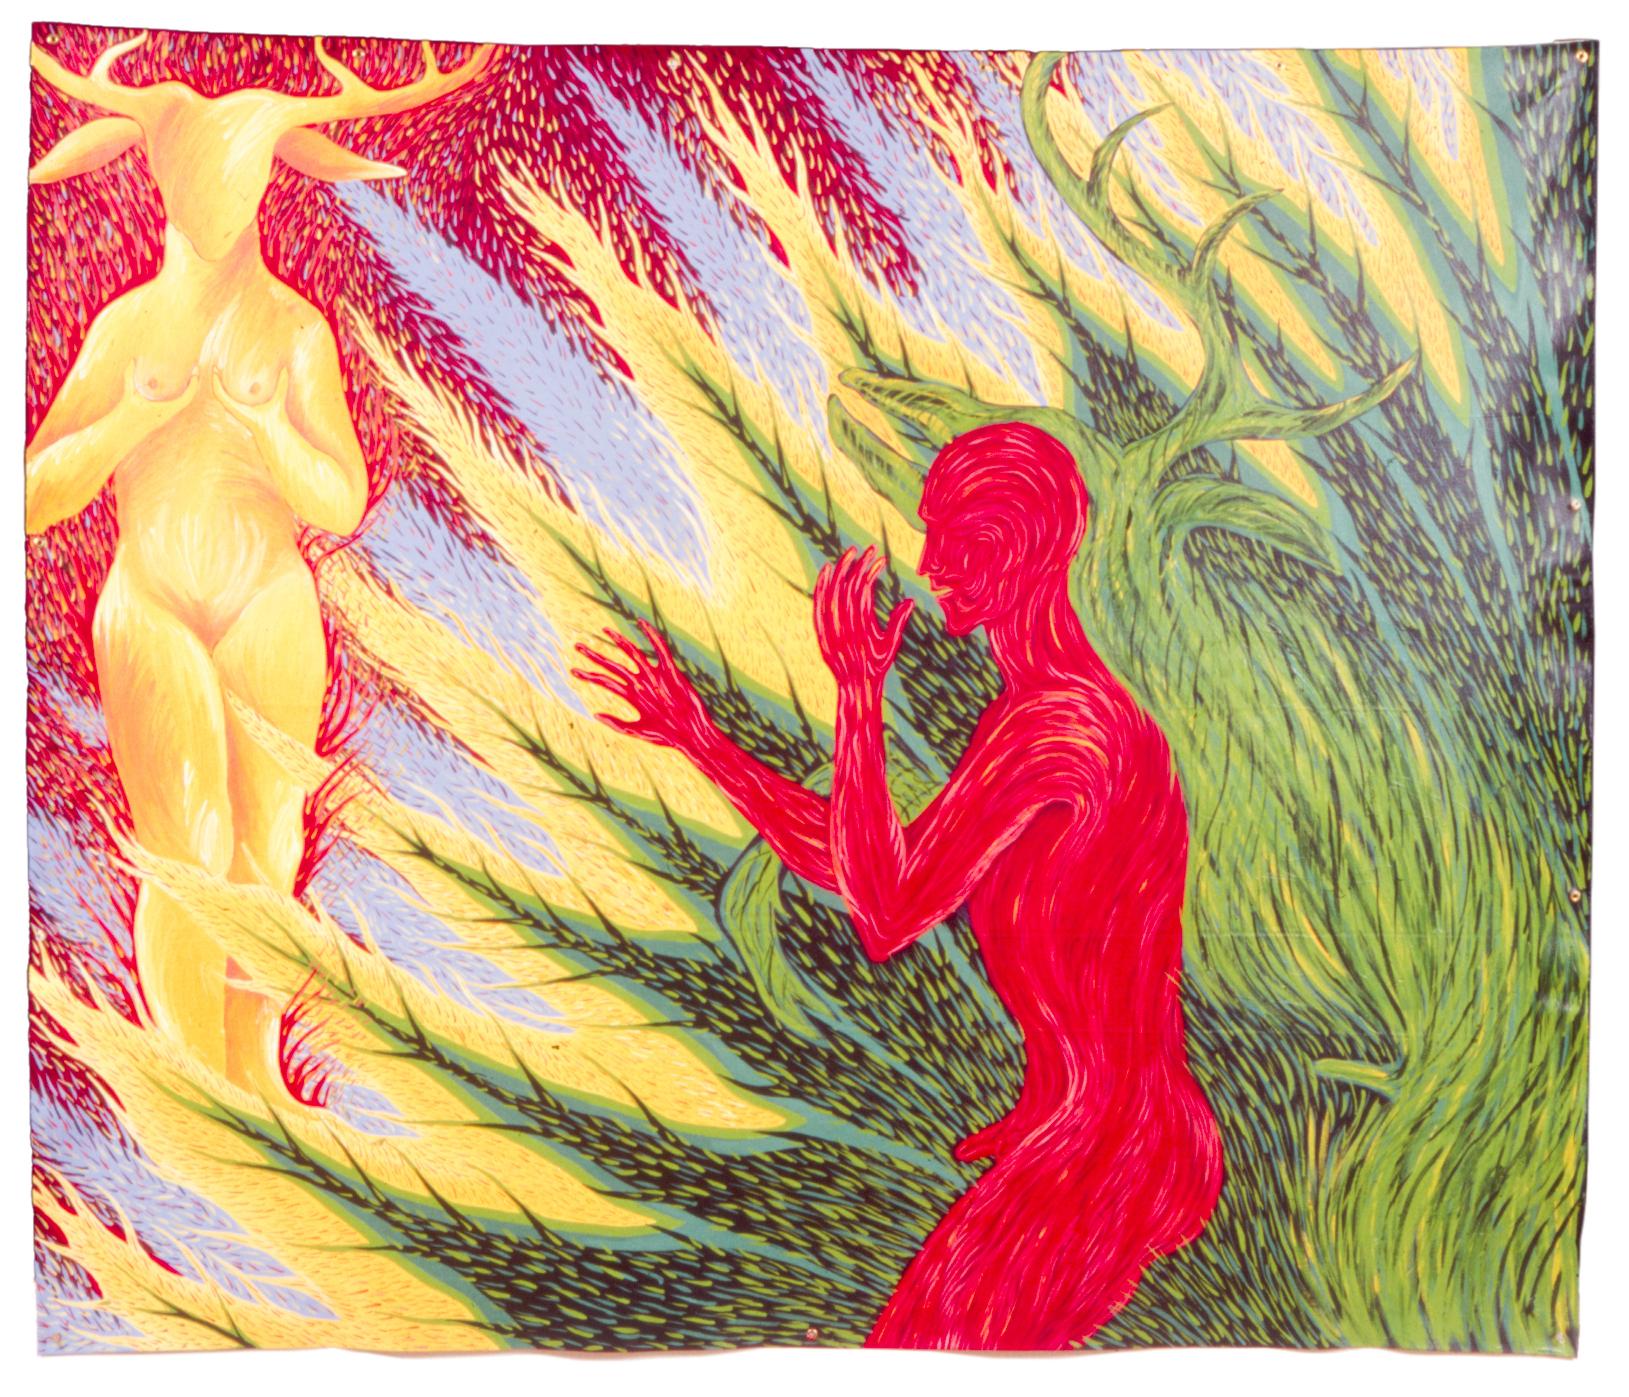 Faith Wilding Myths of Desire: Diana and Actaeon, 1984, acrylic on canvas, 76 x 91 in